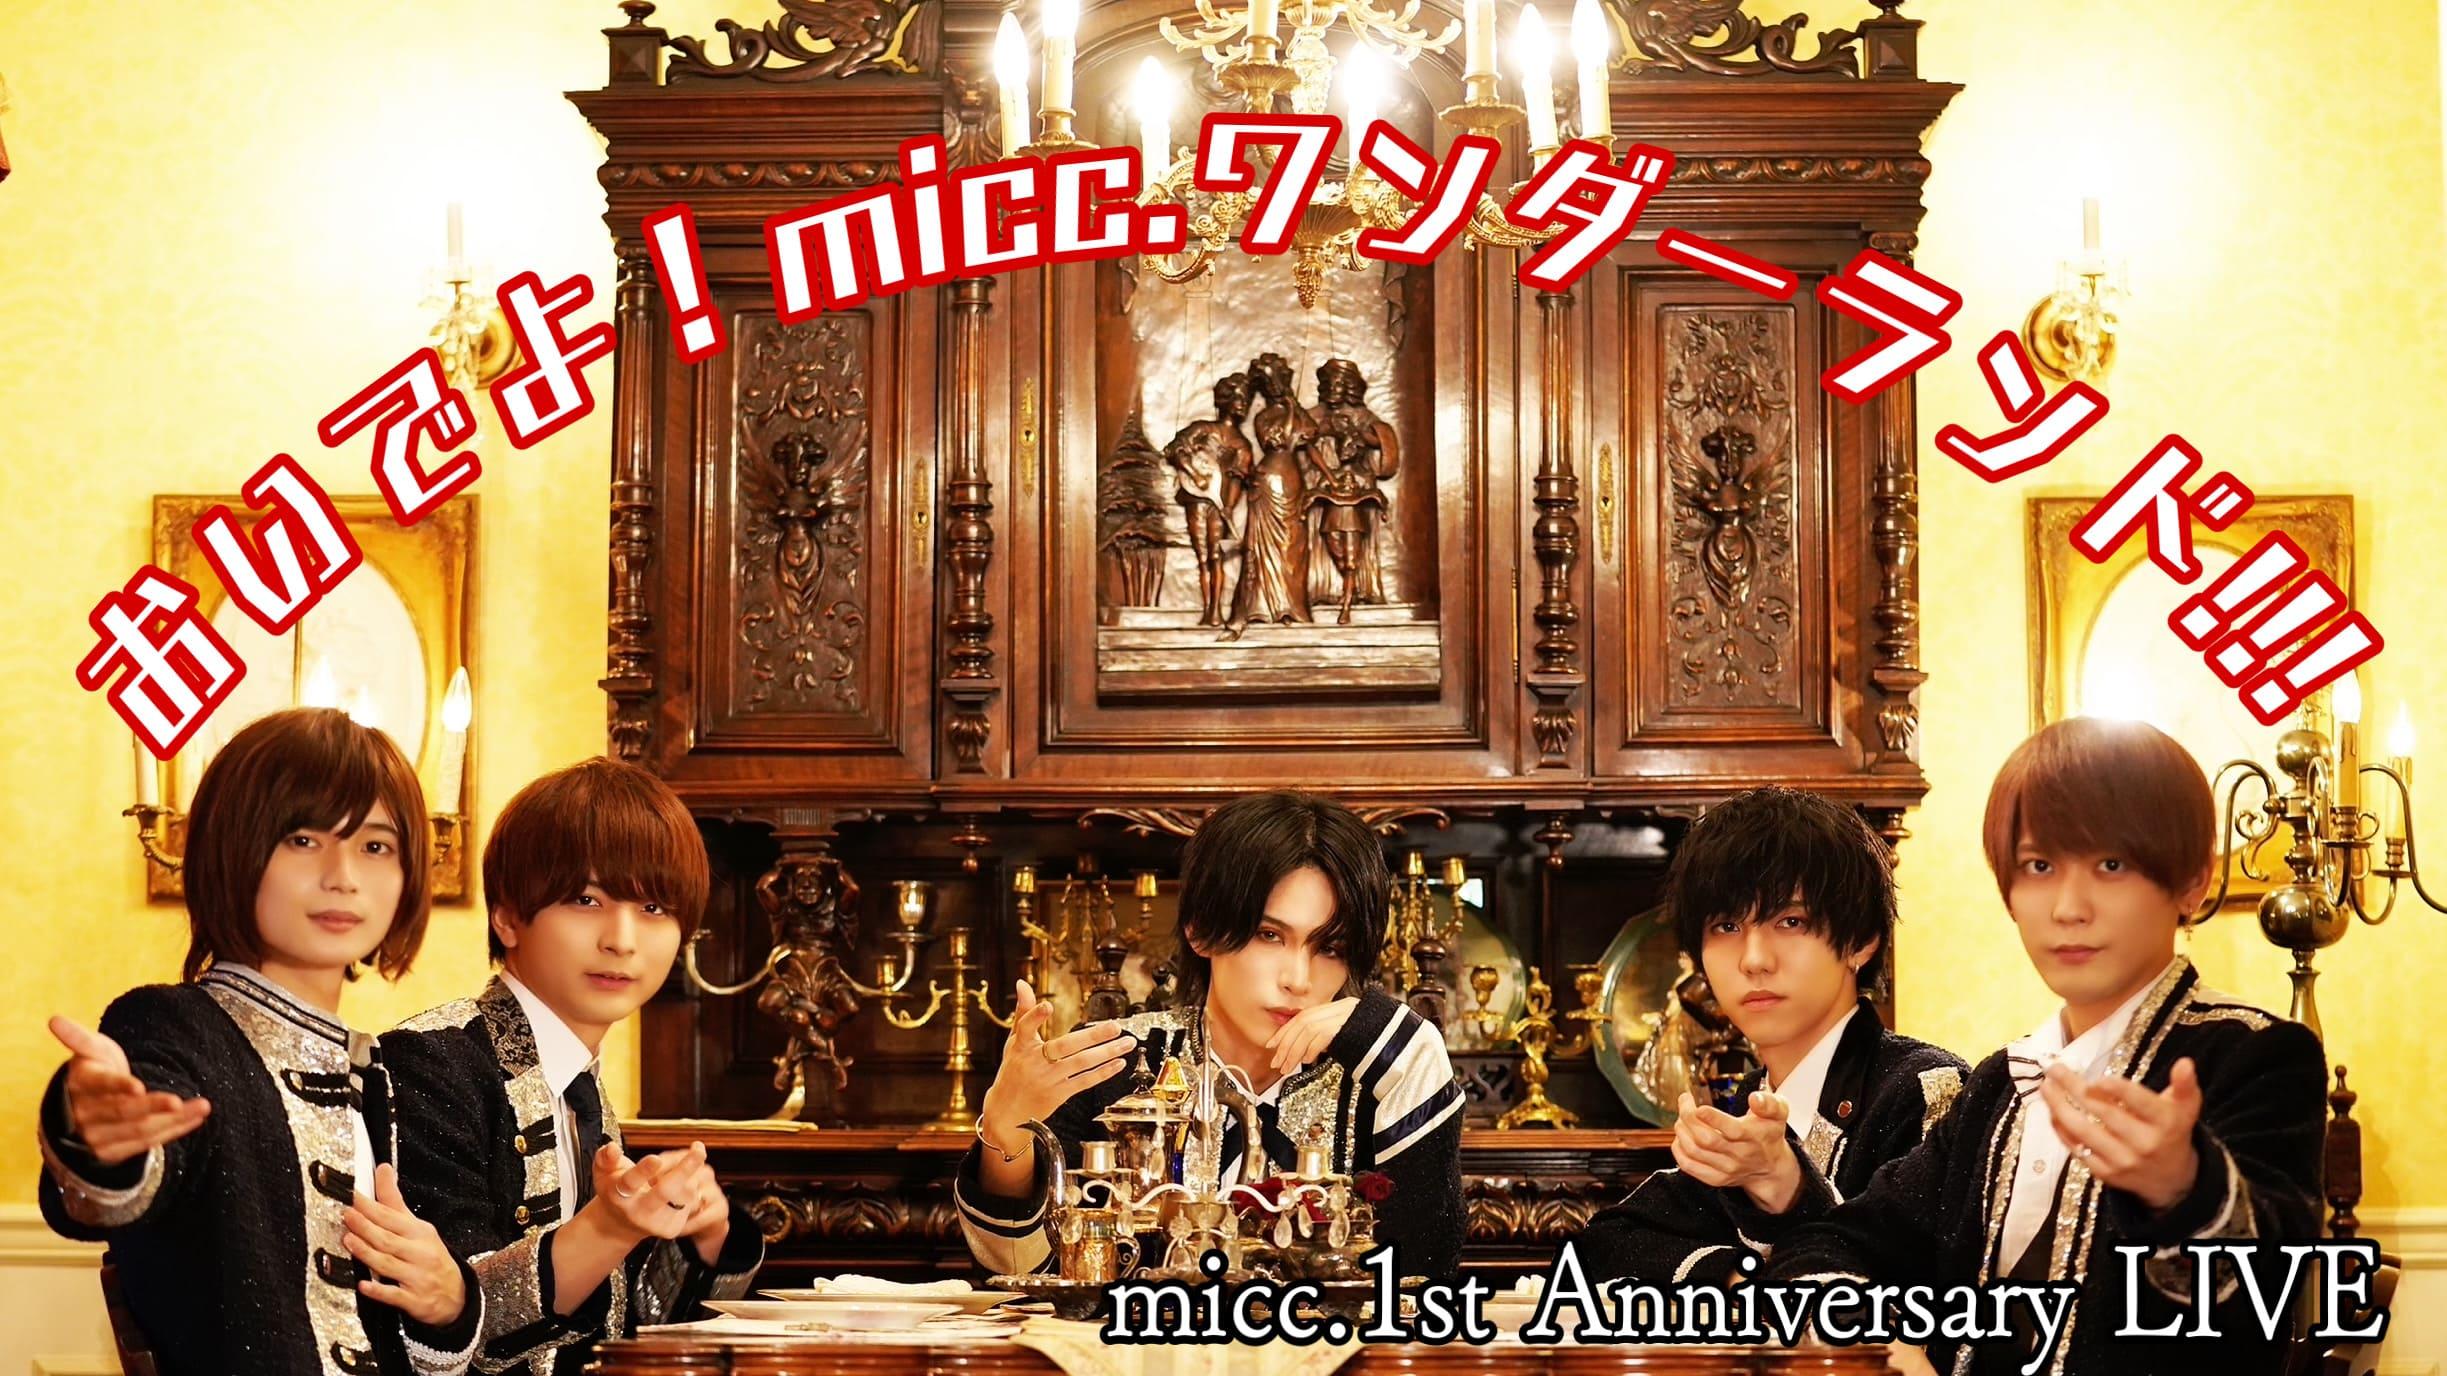 『micc.1st Anniversary LIVE おいでよ!micc.ワンダーランド!!!』